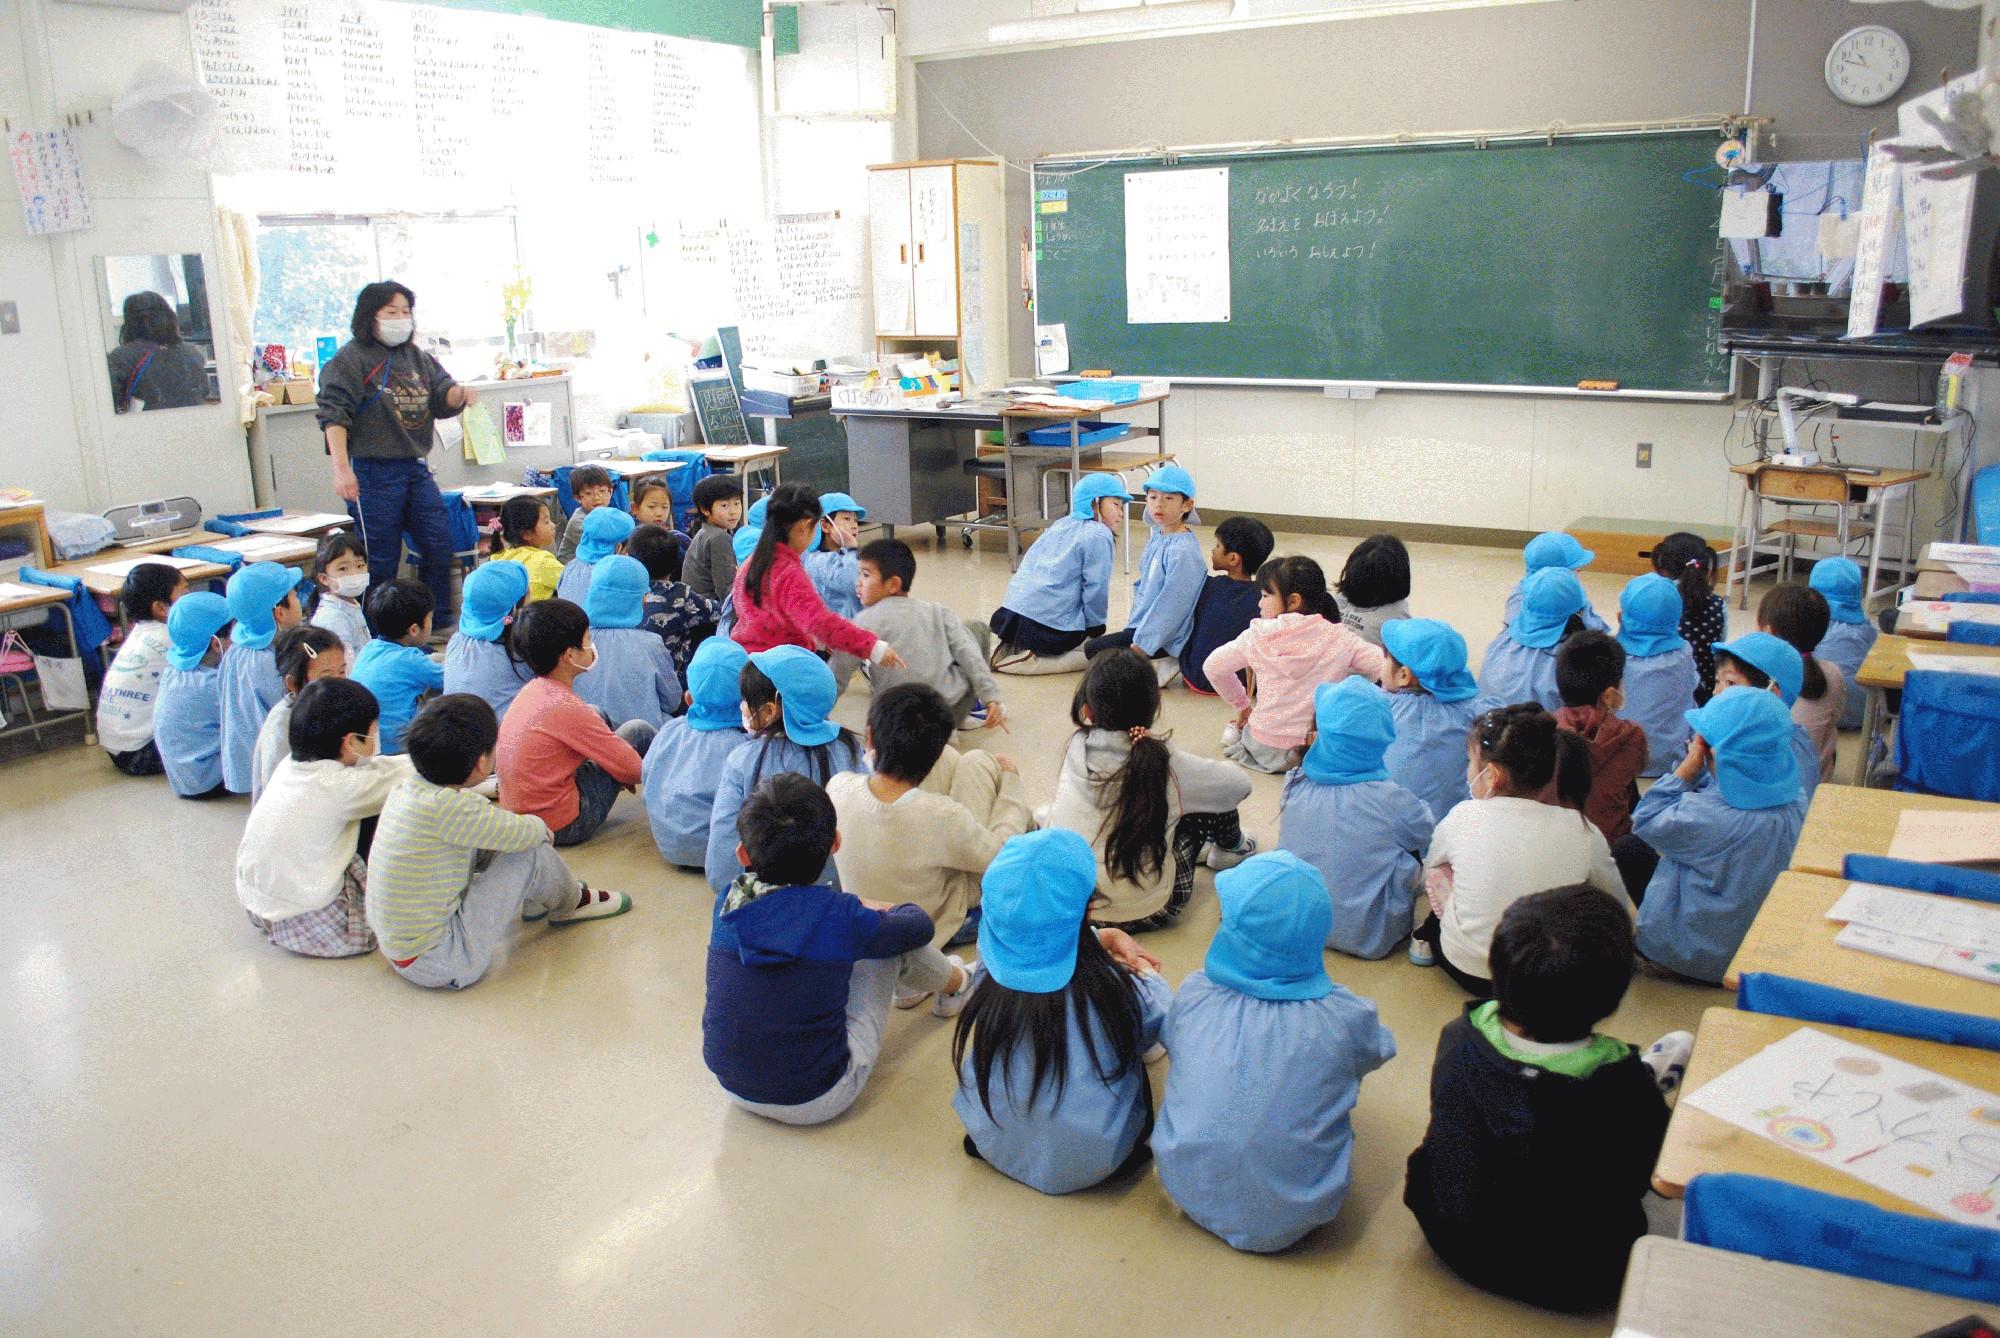 2月27日(月) 桜台小学校 交流会